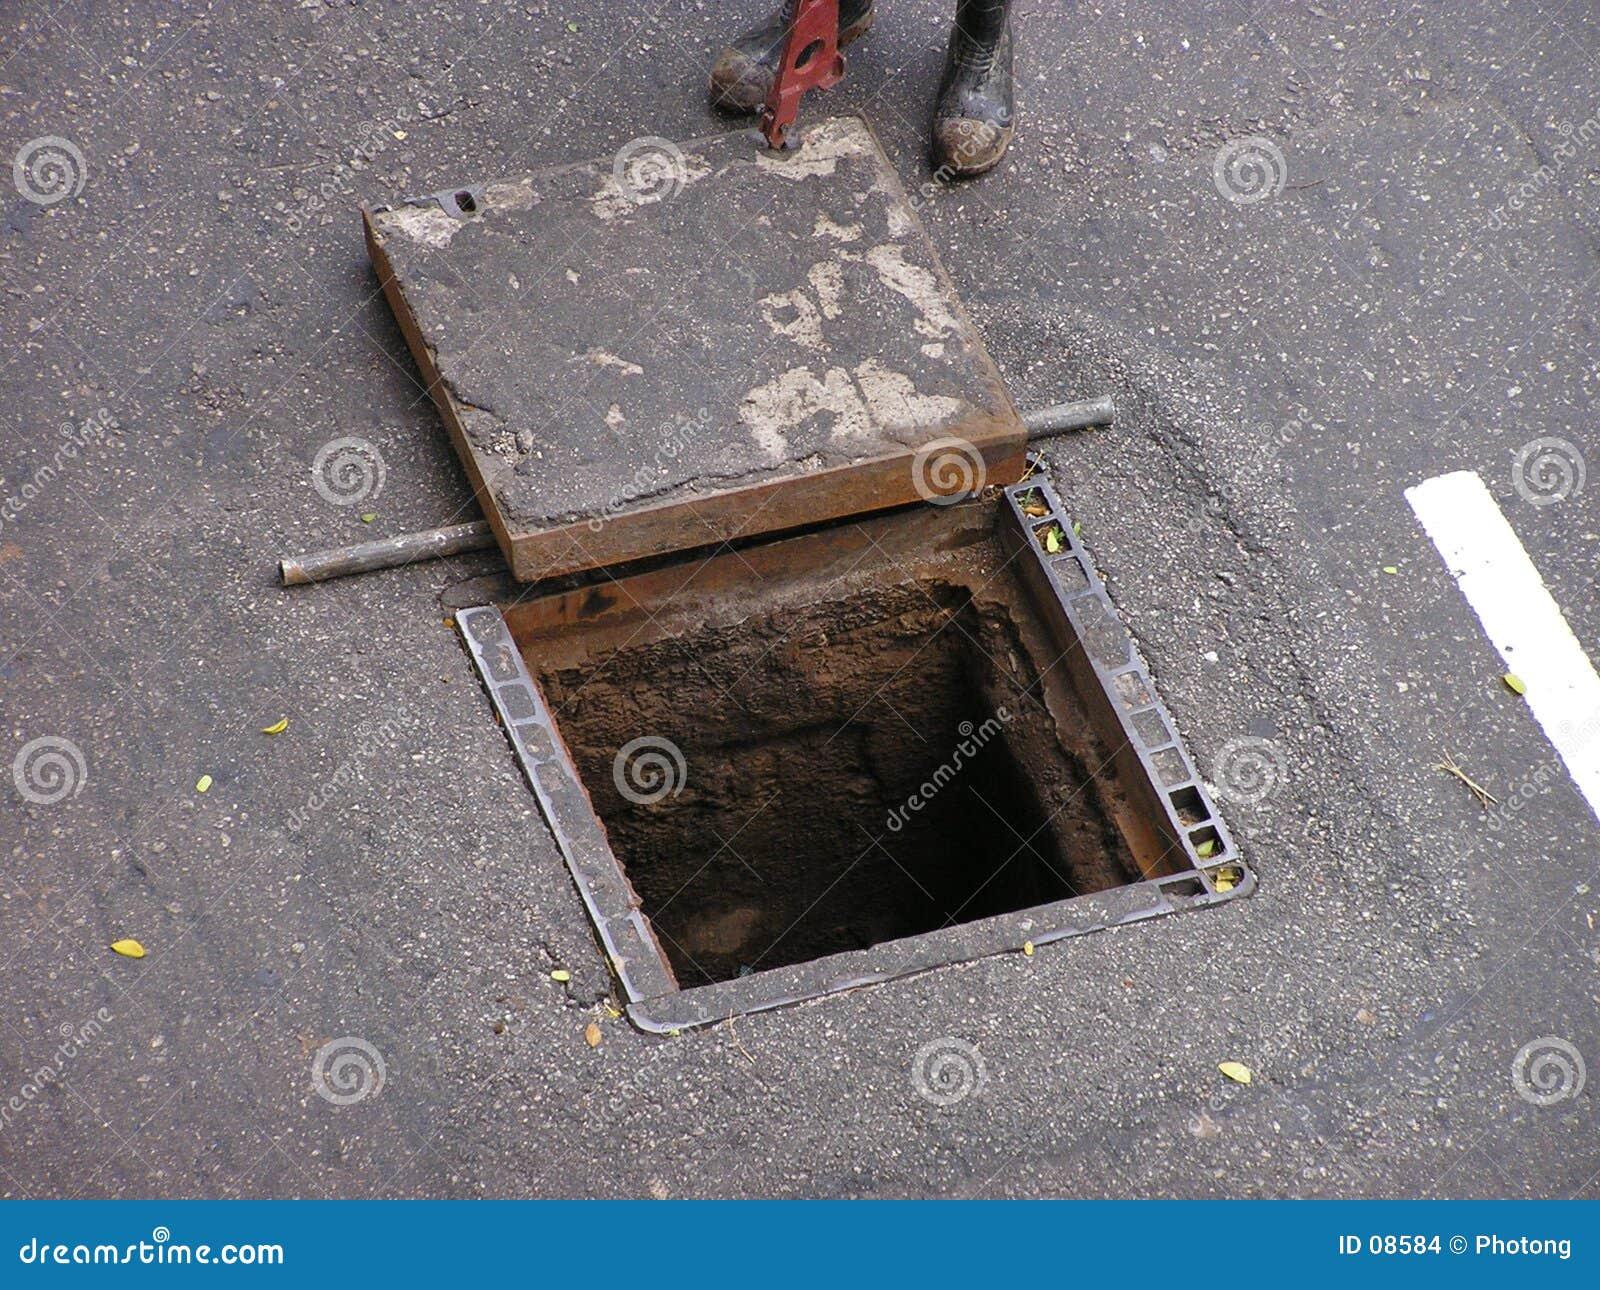 Opened manhole